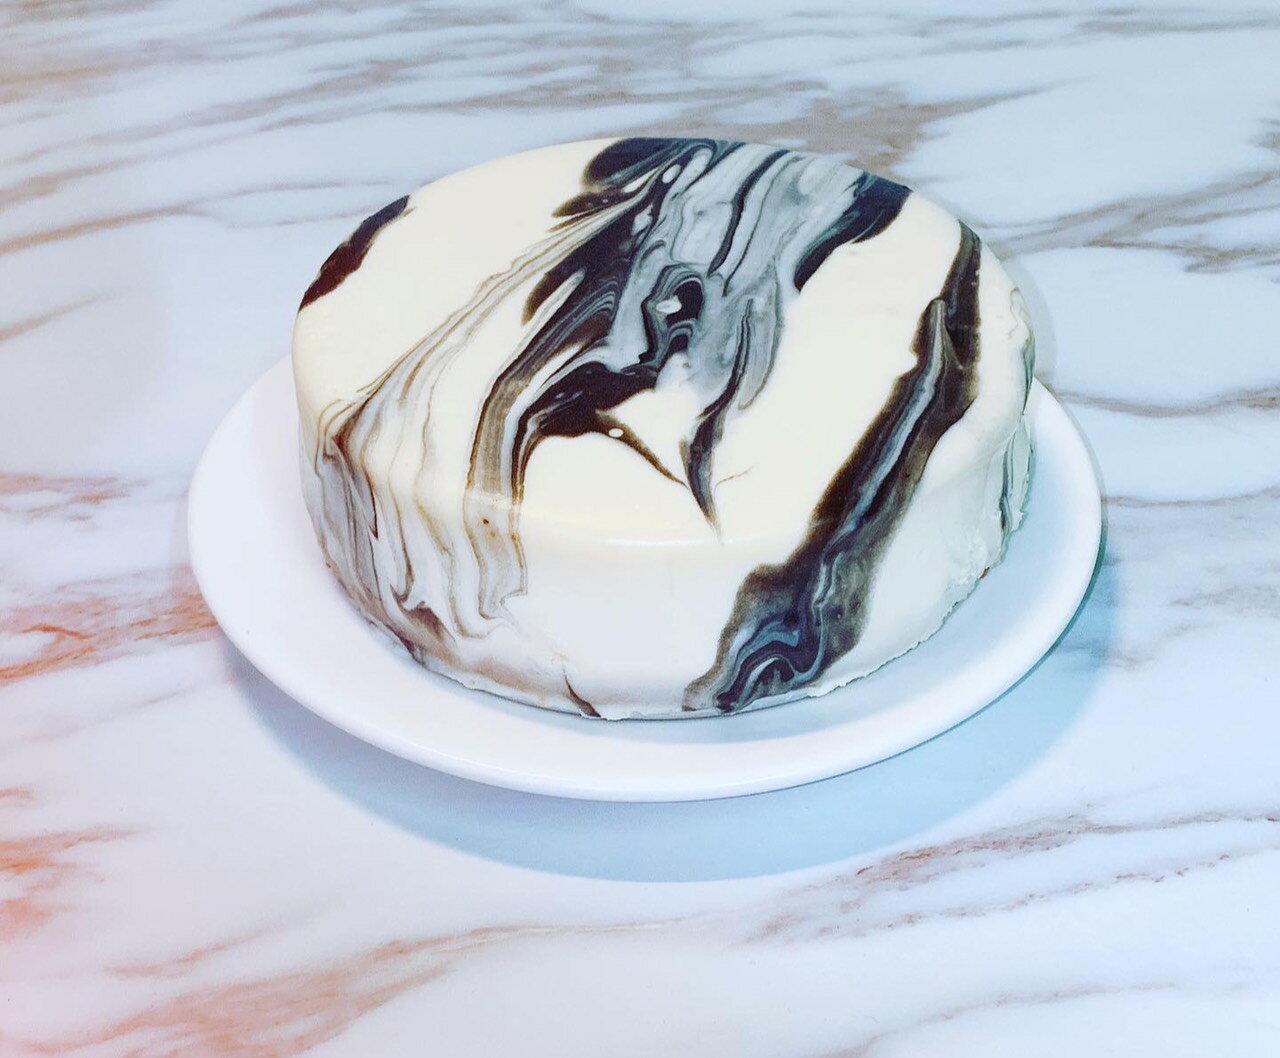 大理石重乳酪蛋糕 6吋 生日蛋糕 情人節蛋糕 重乳酪蛋糕 蛋糕 《給朕過來》